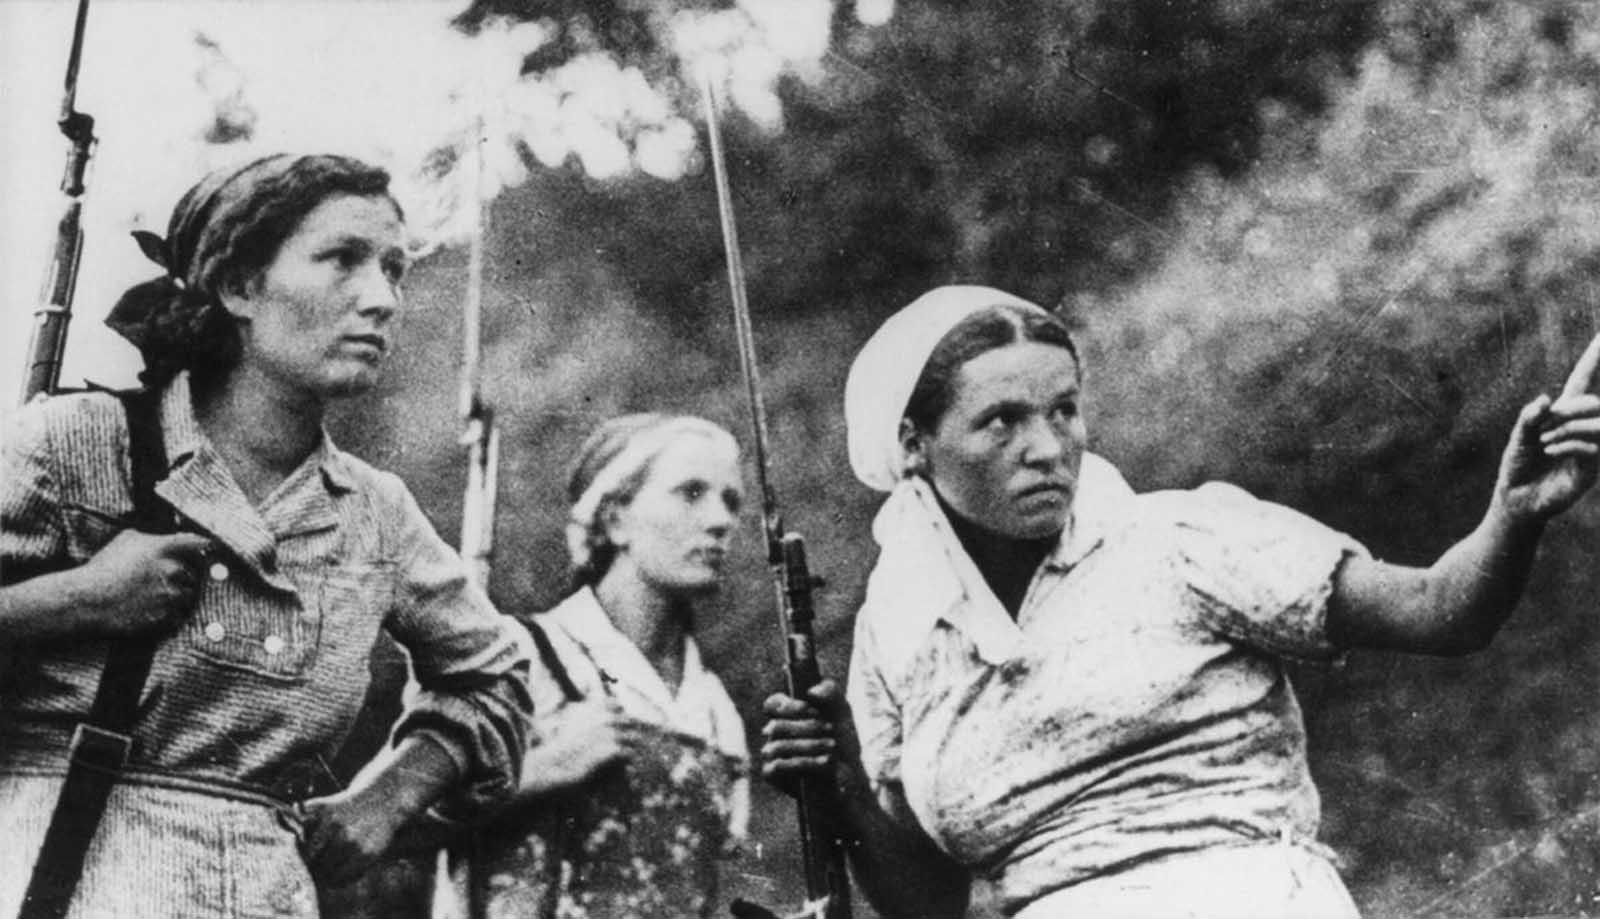 Tres guerrilleros soviéticos en acción en Rusia durante la Segunda Guerra Mundial.